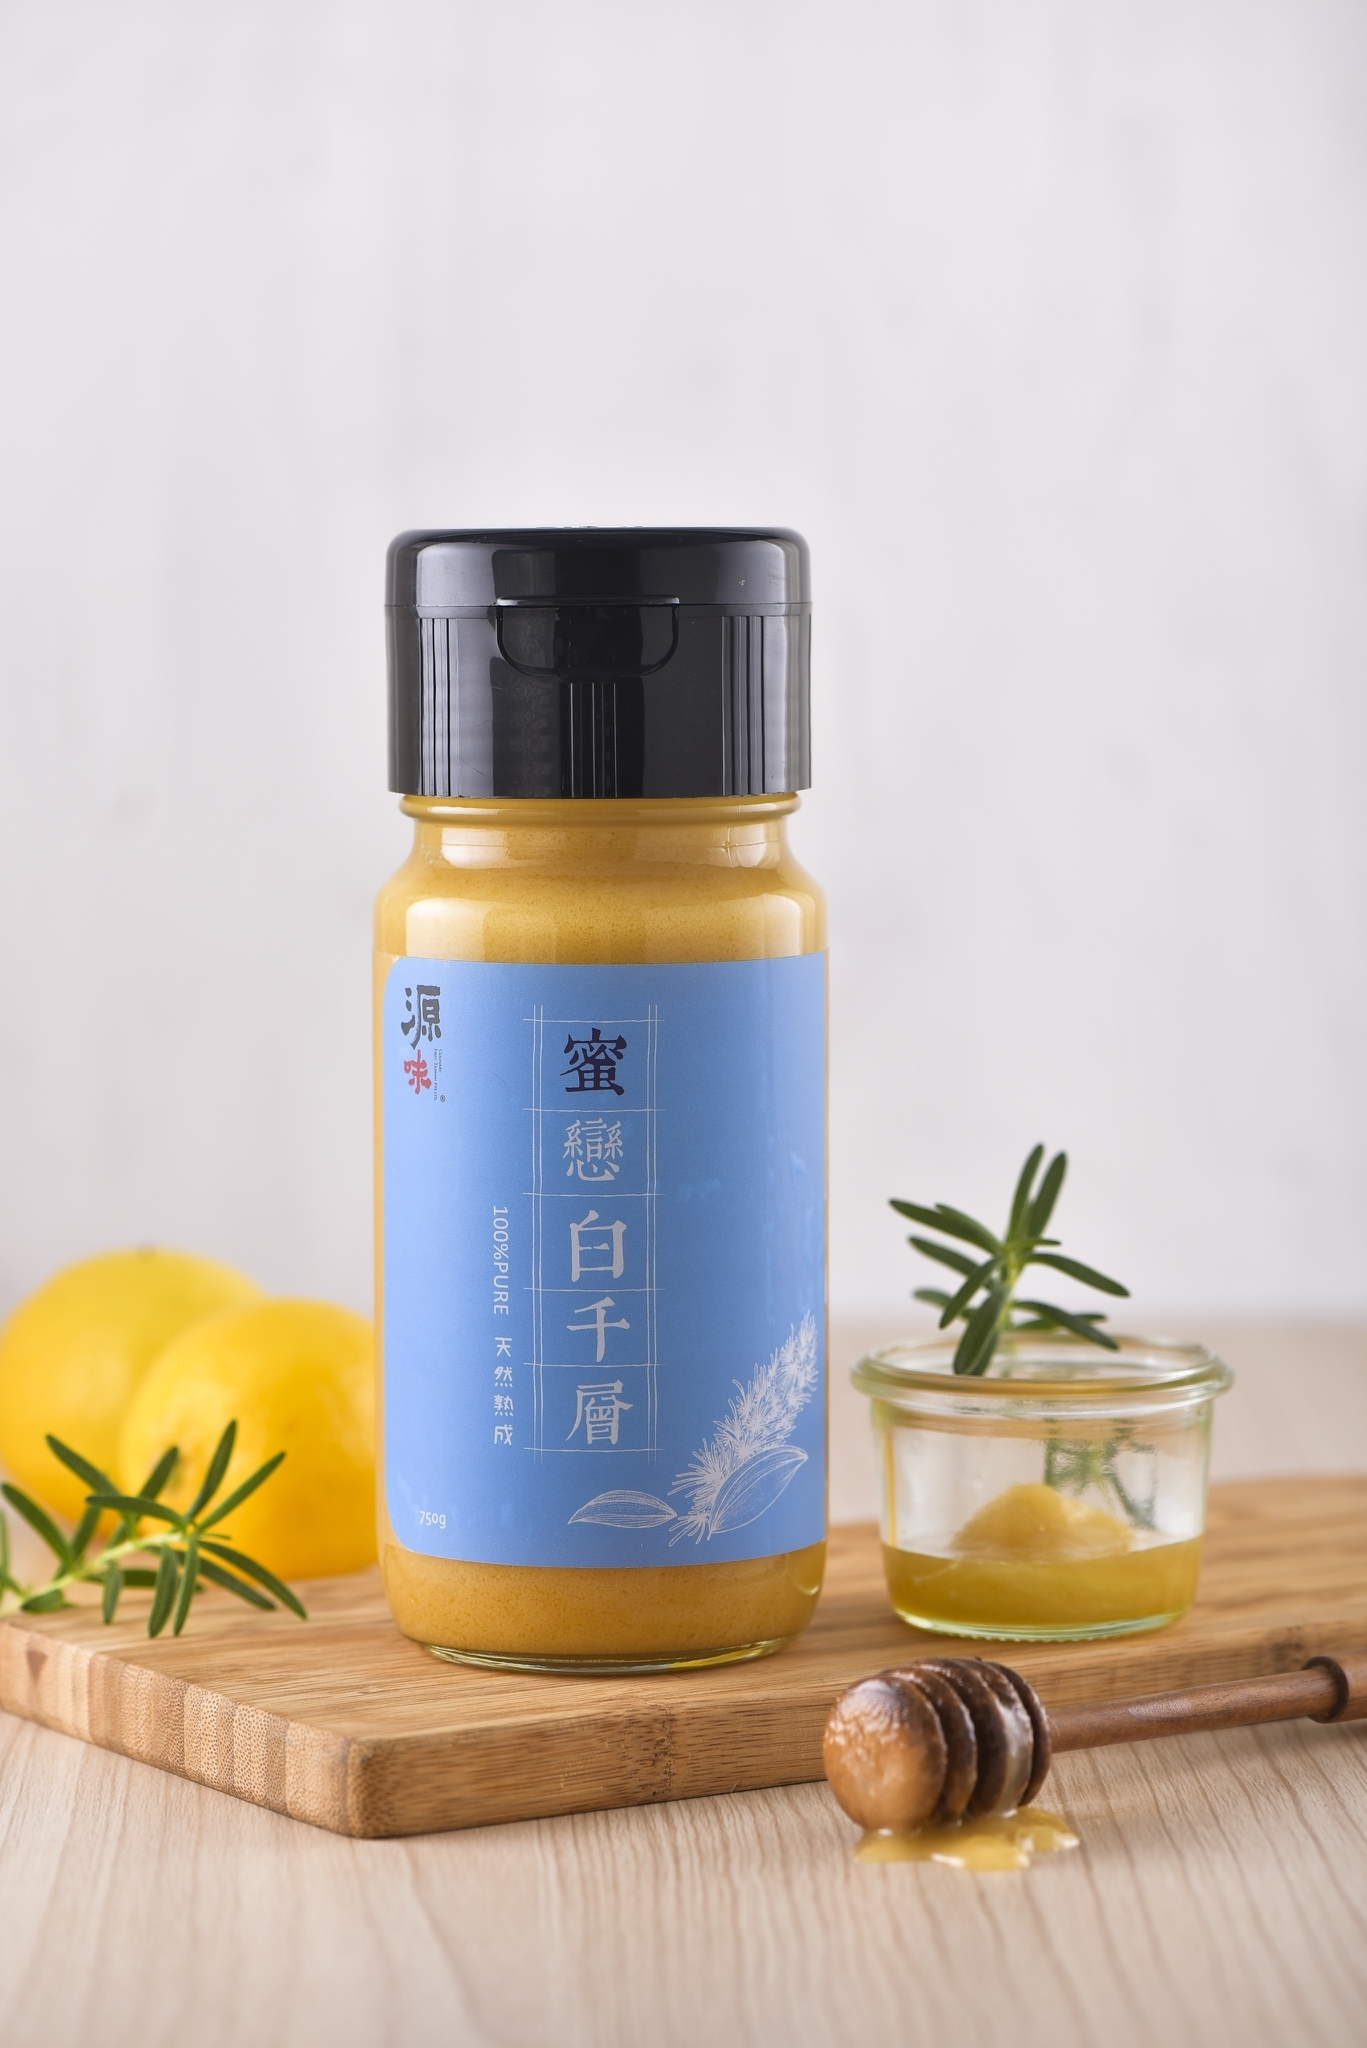 買2送2_美人推薦蜜戀白千層蜂蜜750g*2送和風油醋醬250ml*2(巿價440)